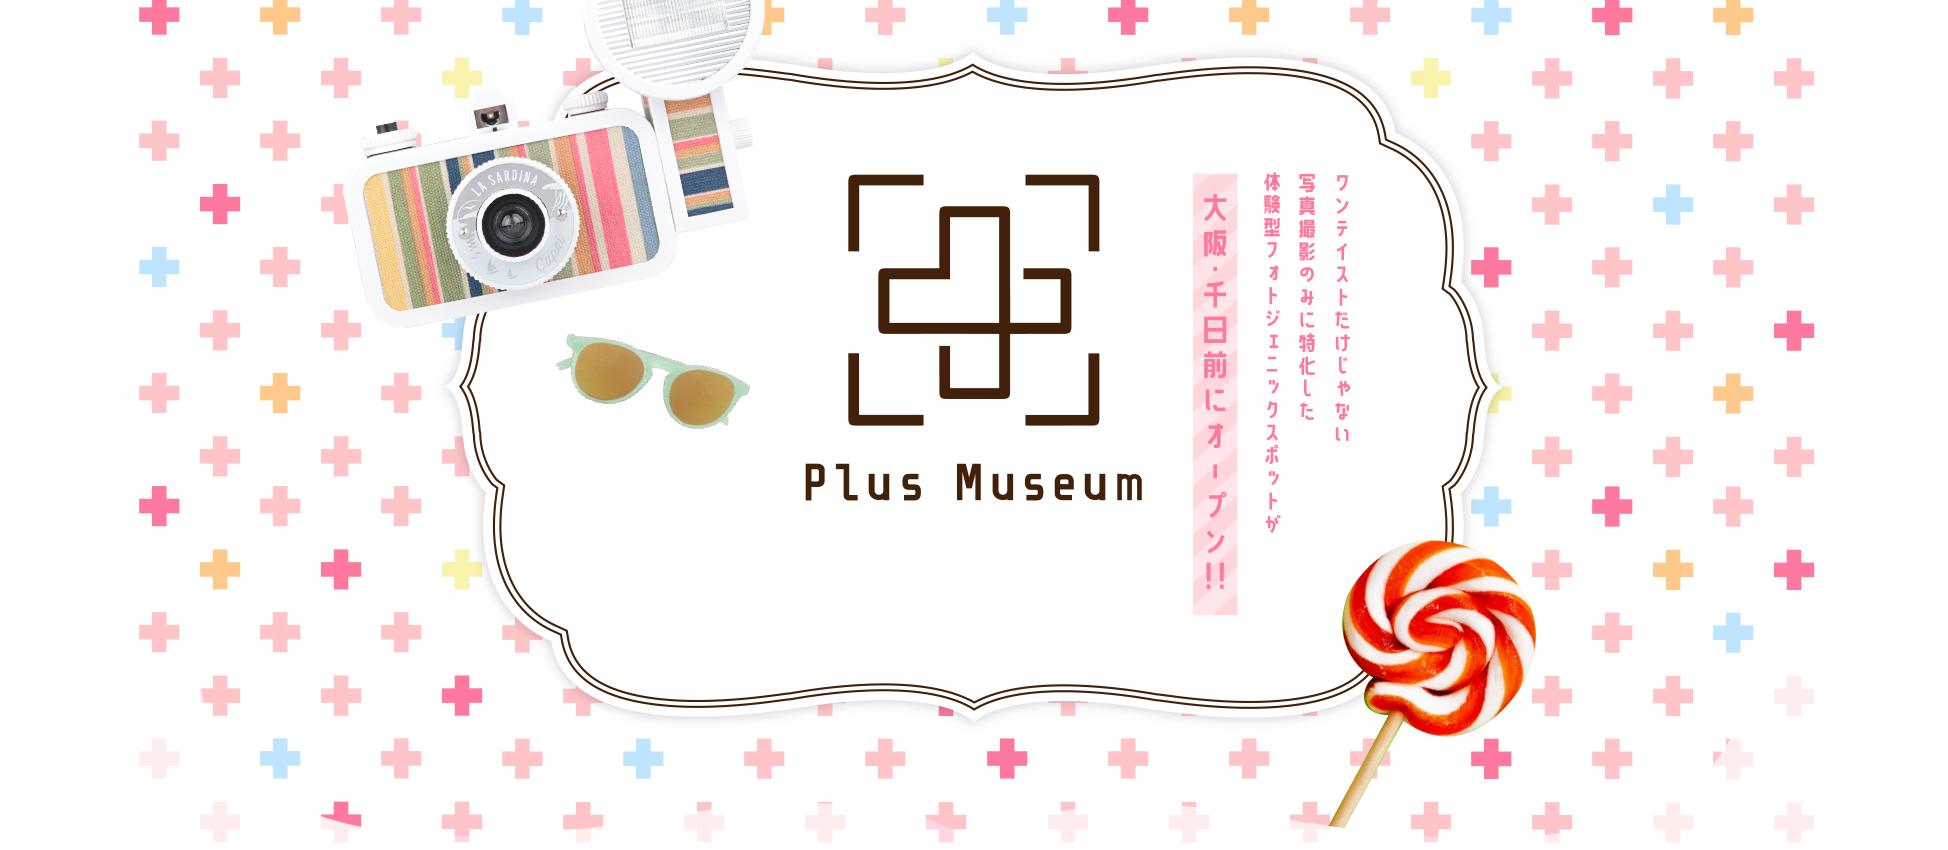 Plus Museum